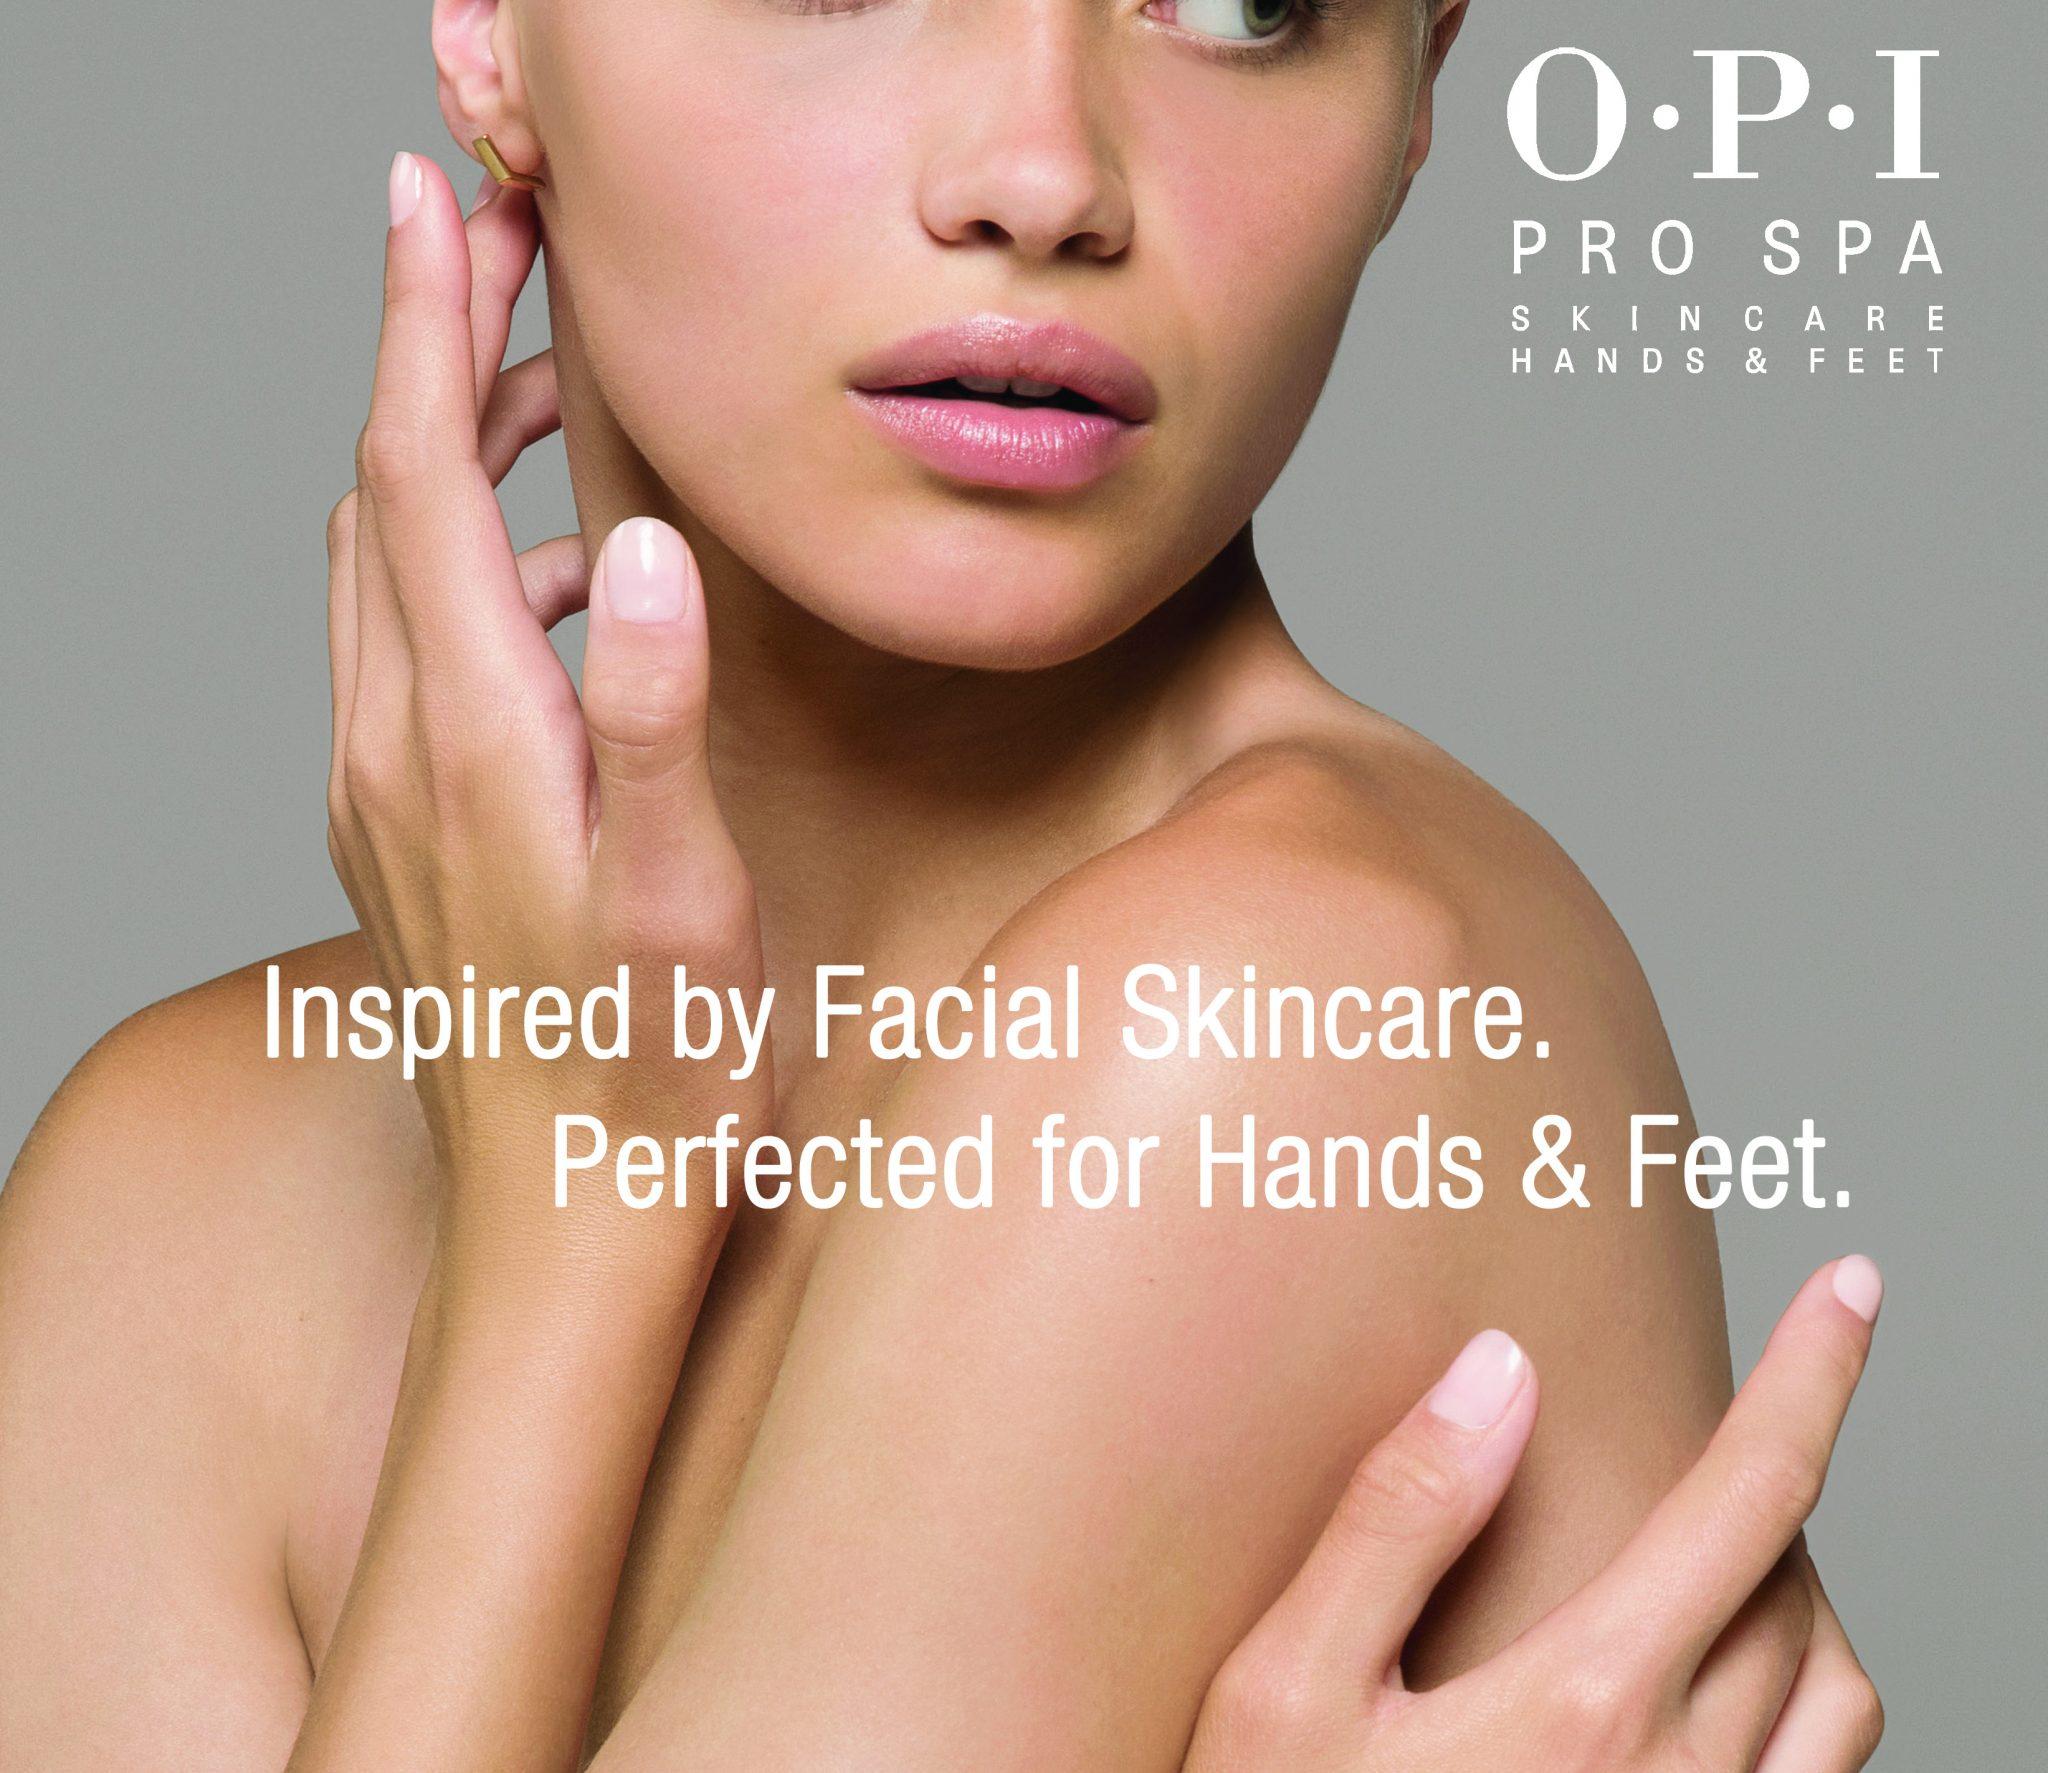 Tijdens de manicure behandelingen werken we met de producten van Pro Spa O.P.I